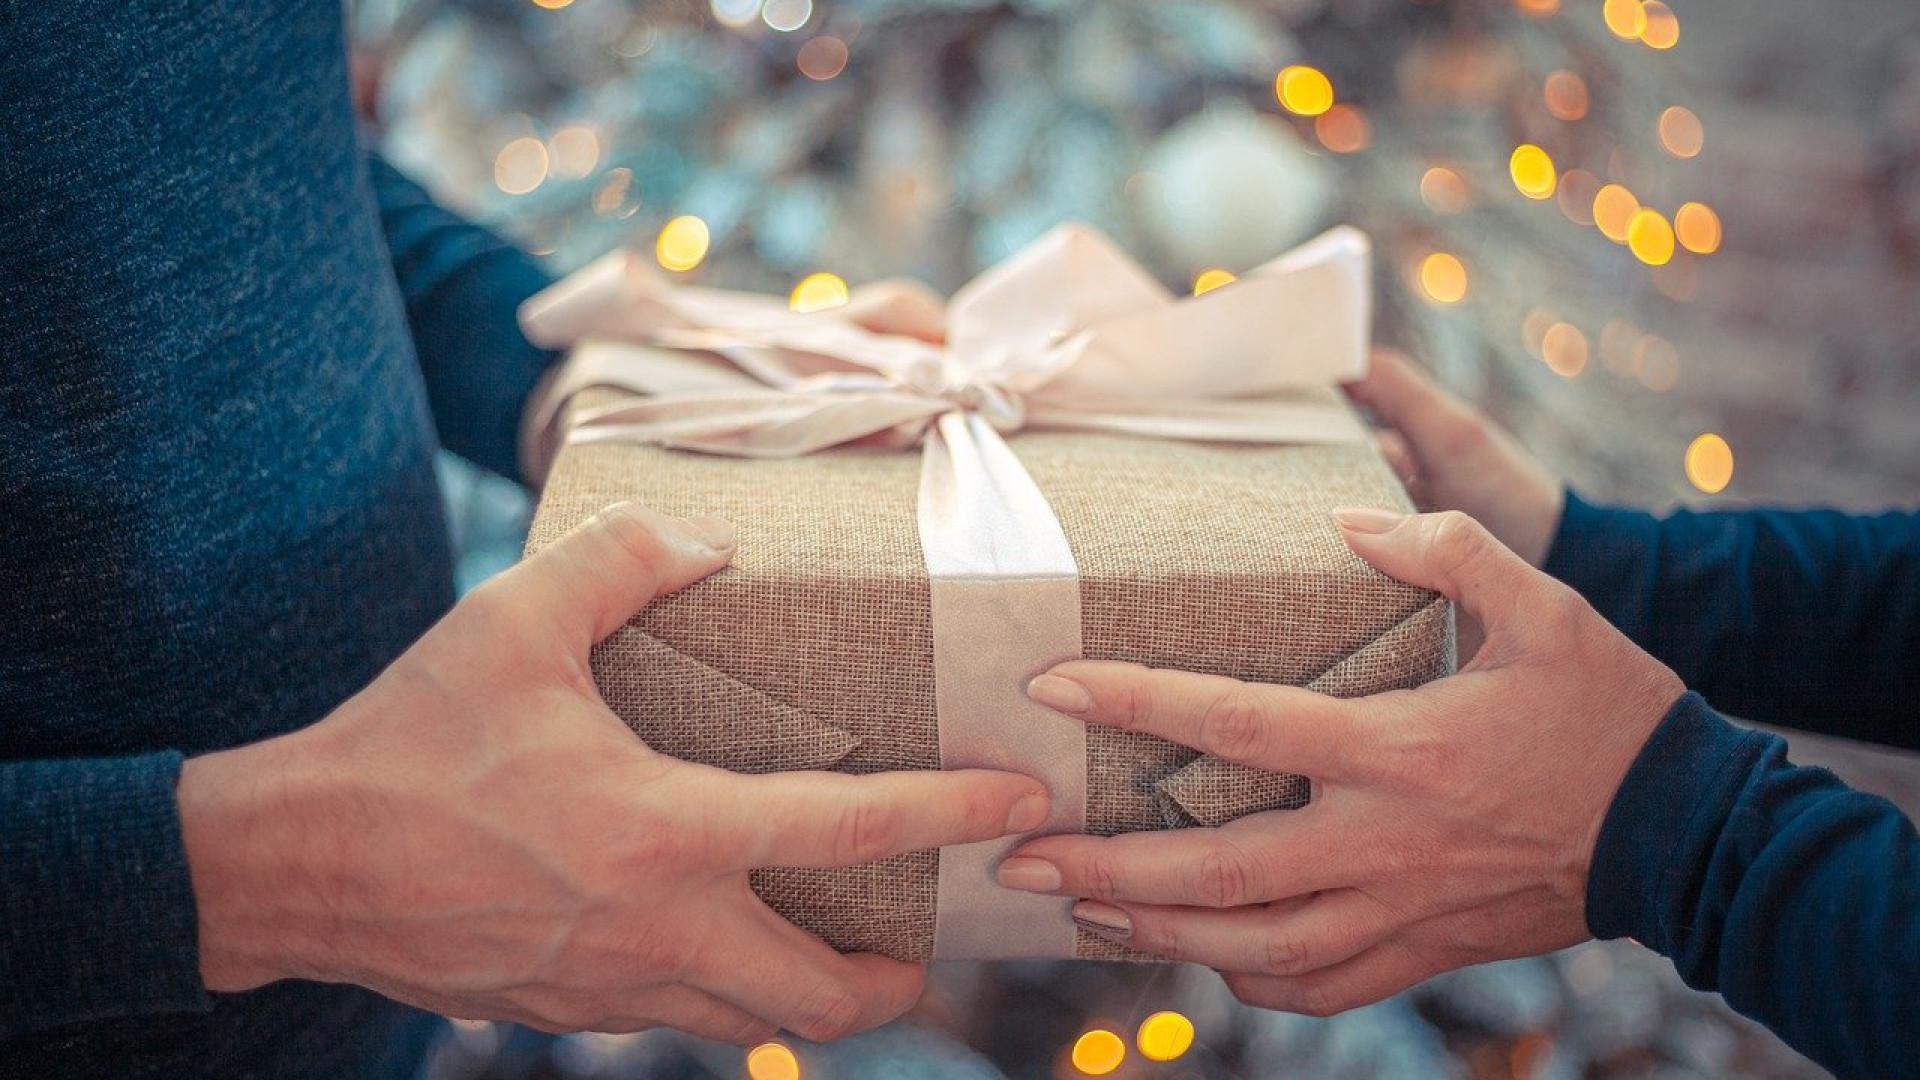 Comment choisir son emballage cadeau ?